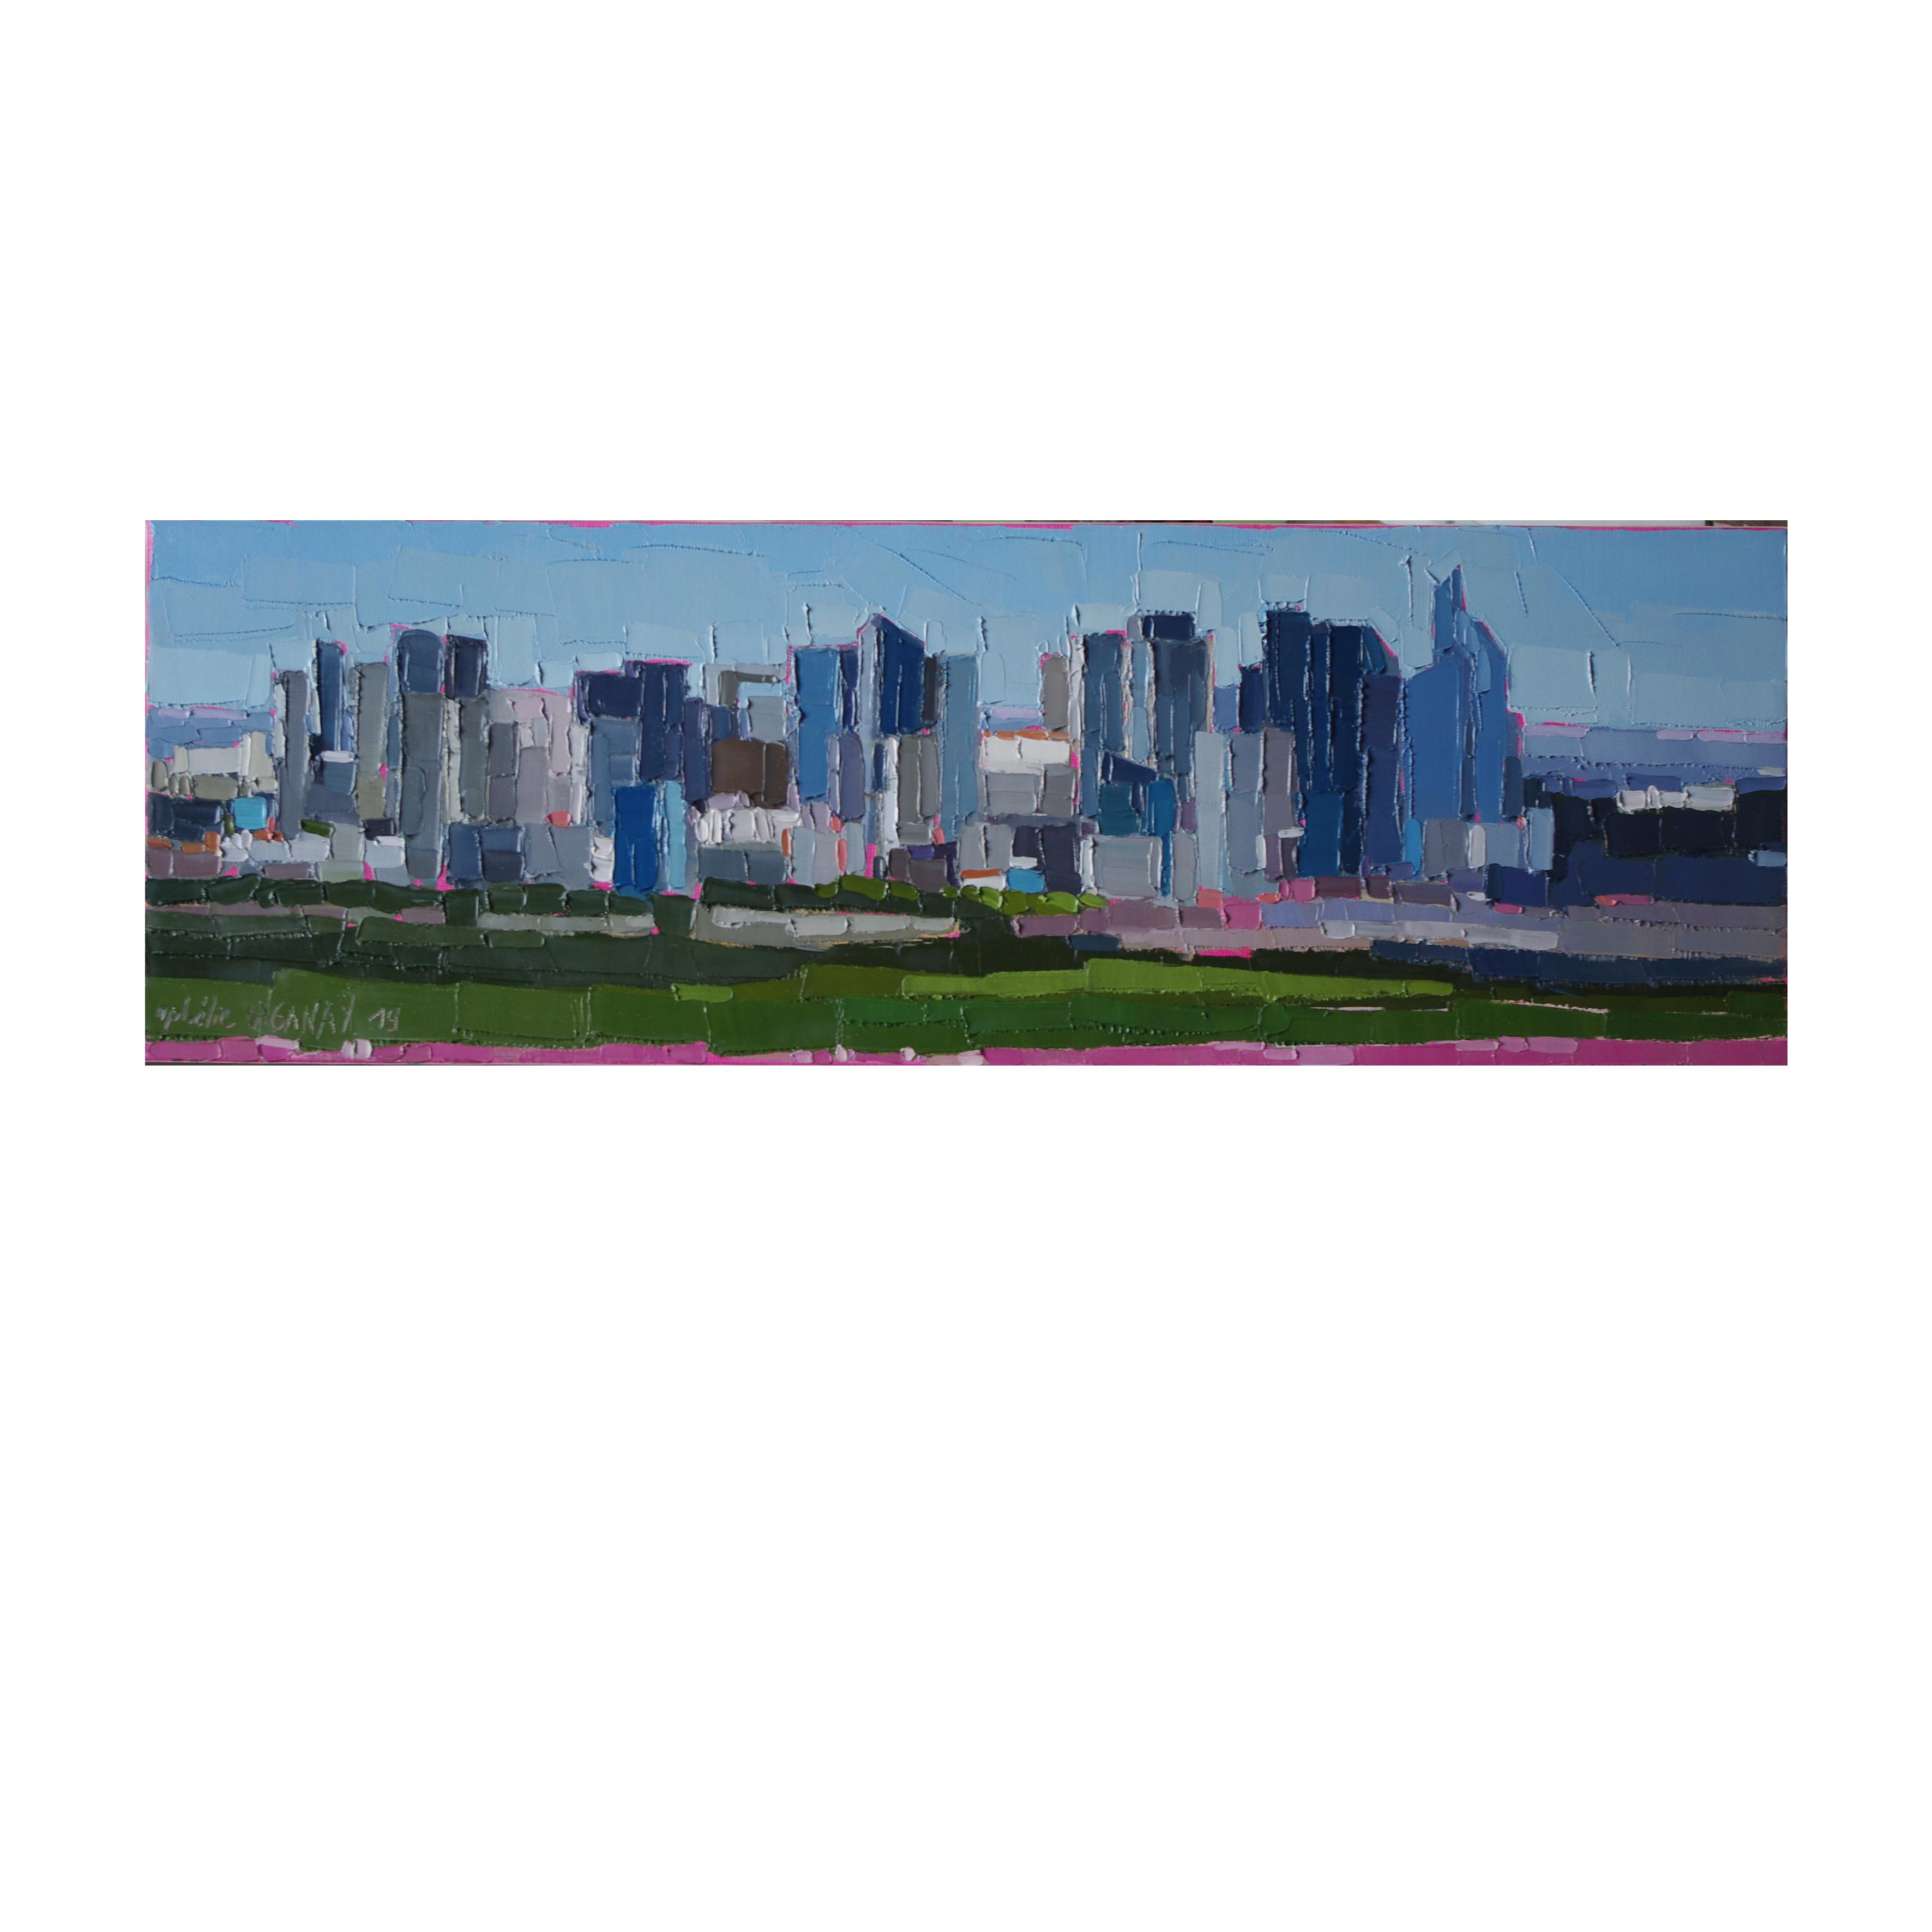 PARIS LA DEFENSE 75×25